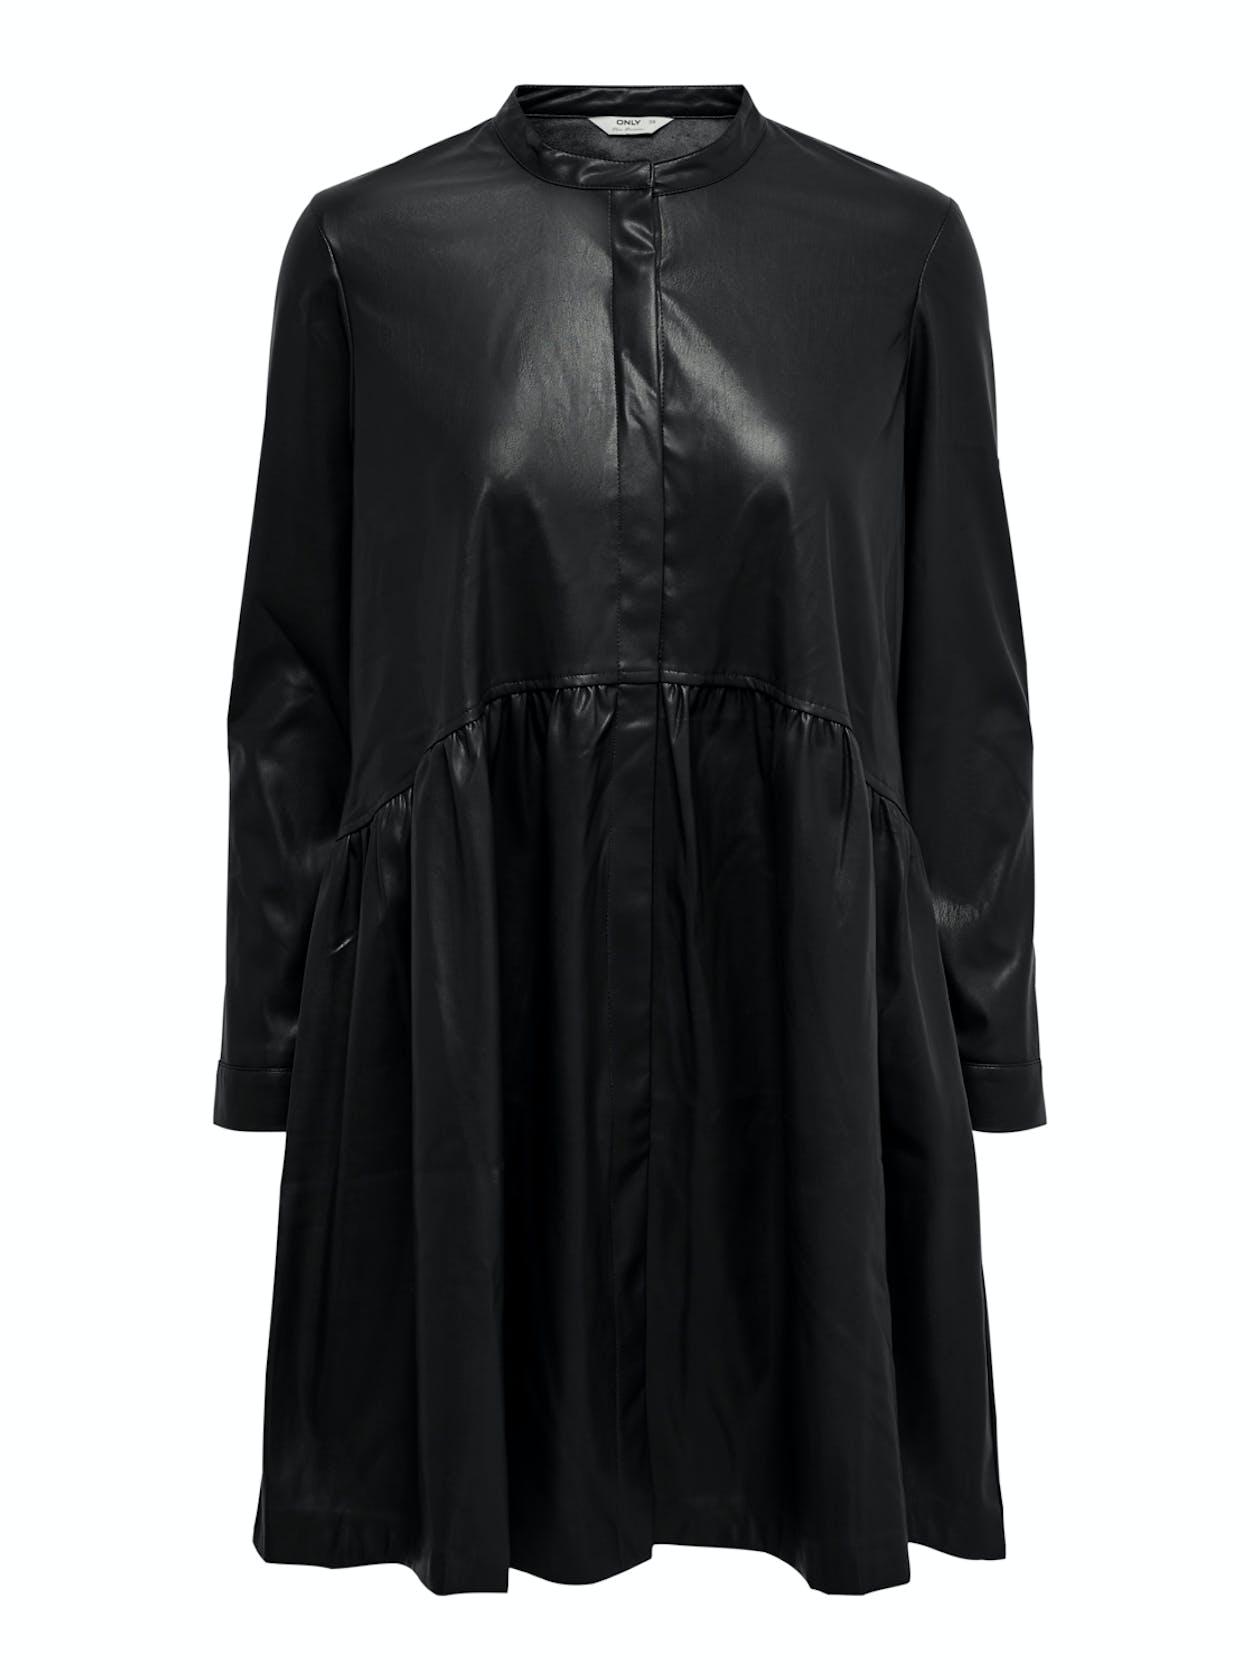 schwarzes, leicht ausgestelltes Kleid aus Lederimitat von Only